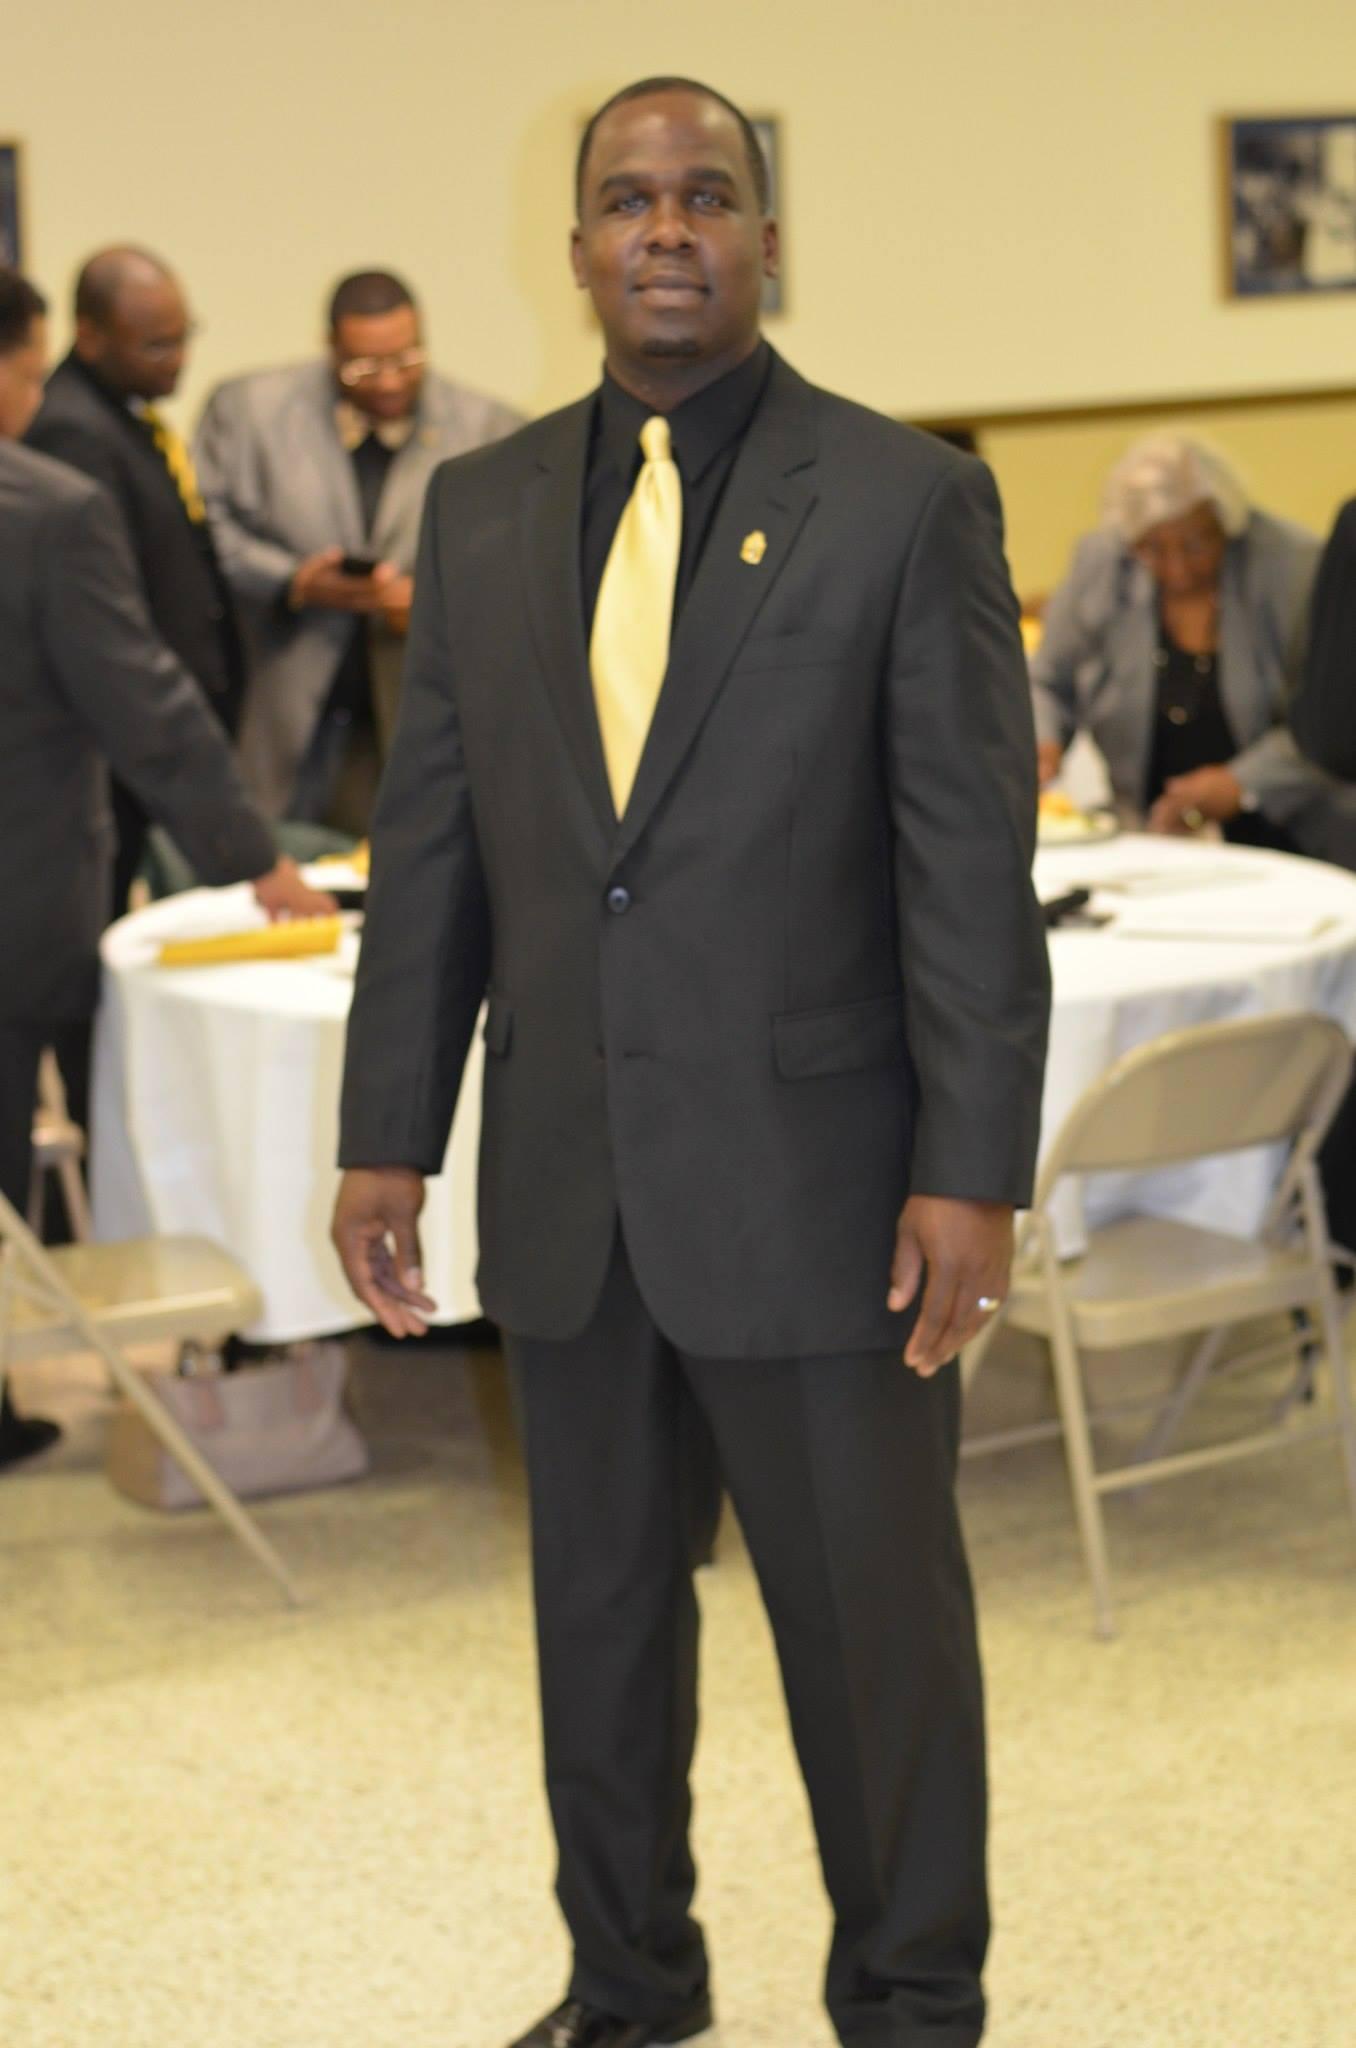 Brother Kedrick Nicholas